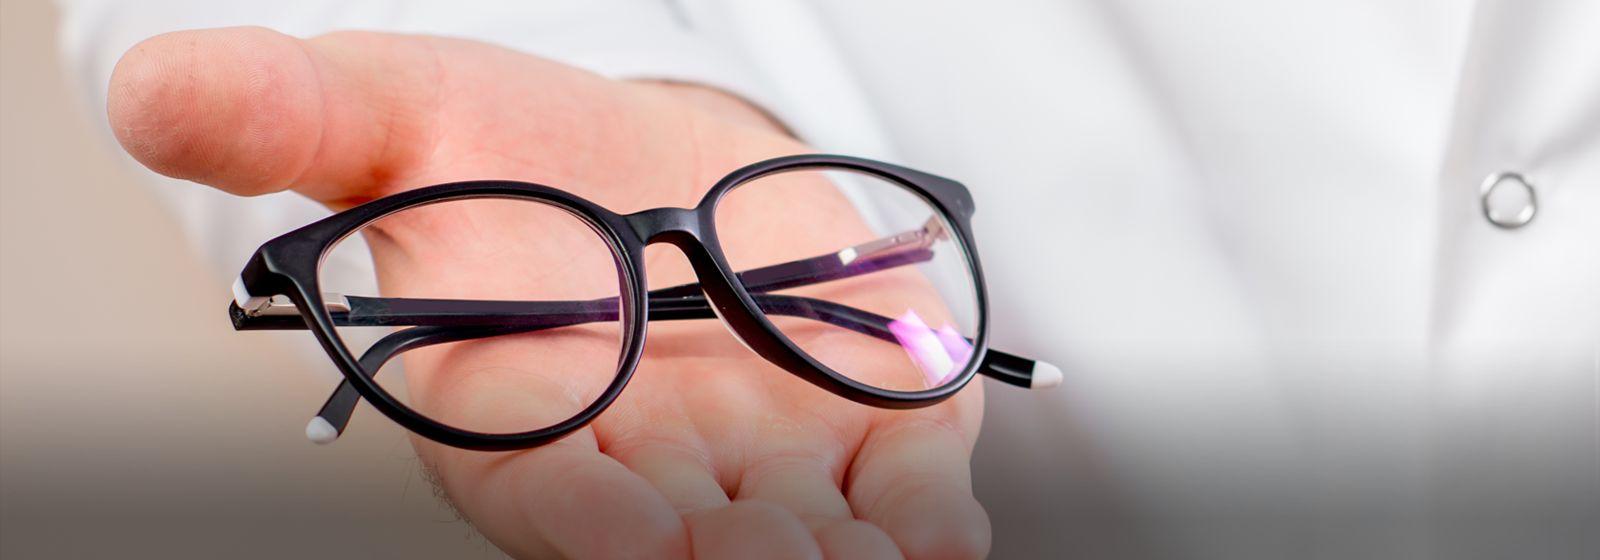 Badanie wzroku podwzględem okularów